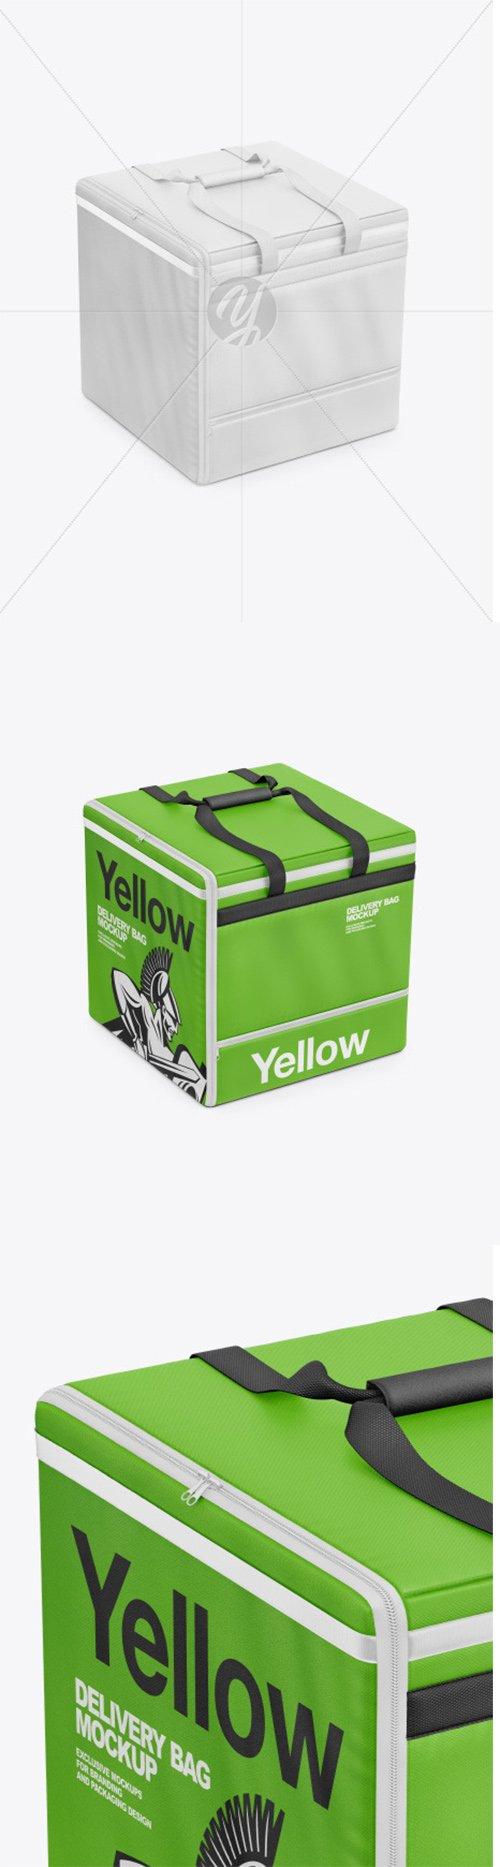 Polyester Delivery Bag Mockup 66199 TIF